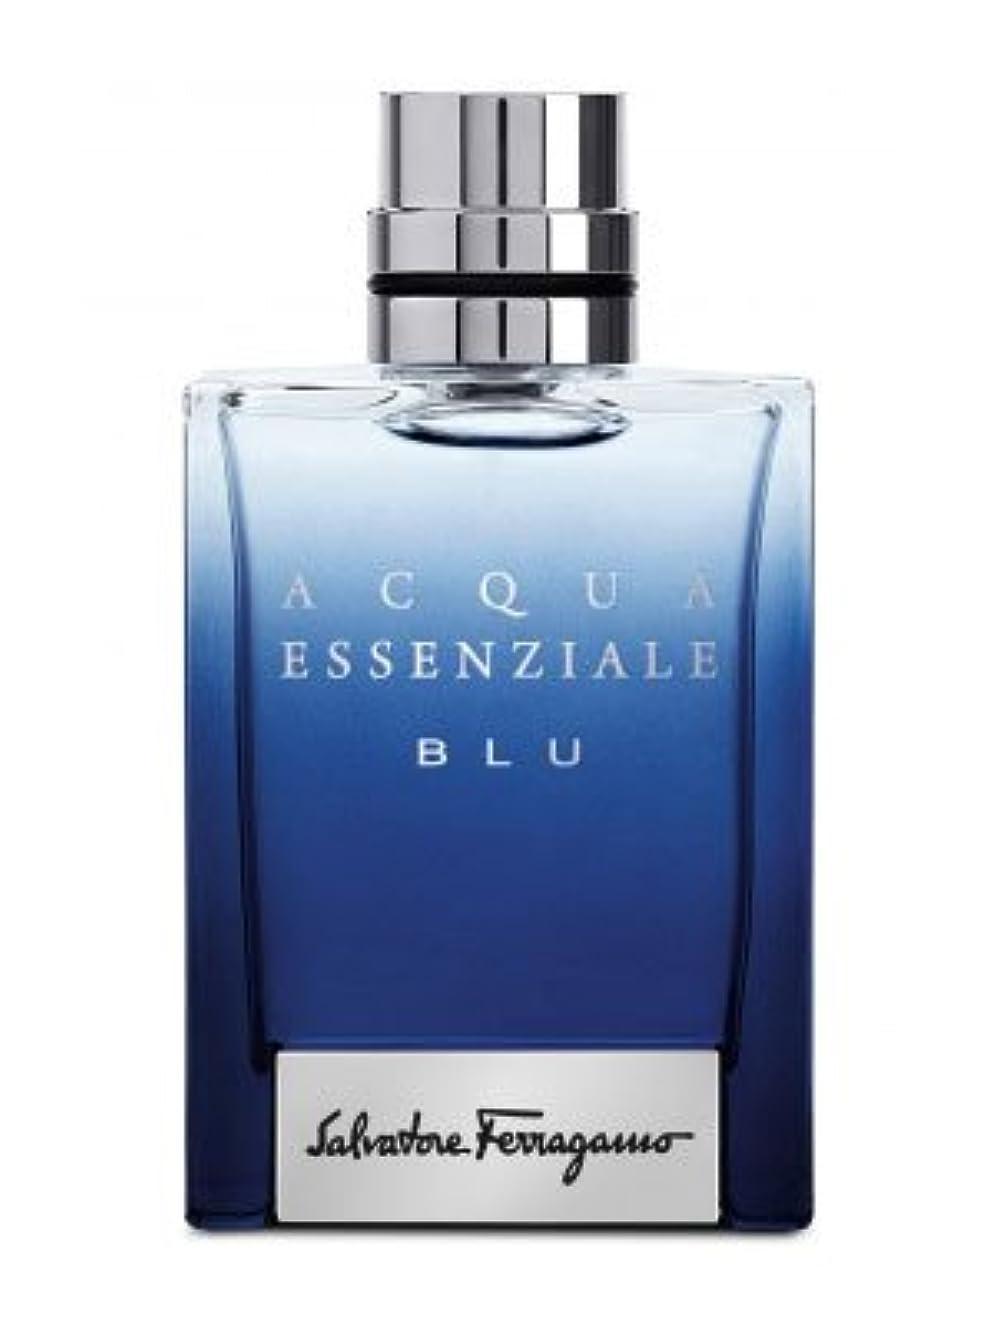 忘れる債務化合物Acqua Essenziale Blu (アクア エッセンツィエール ブルー) 3.4 oz (100ml) EDT Spray by Salvatore Ferragamo for Men